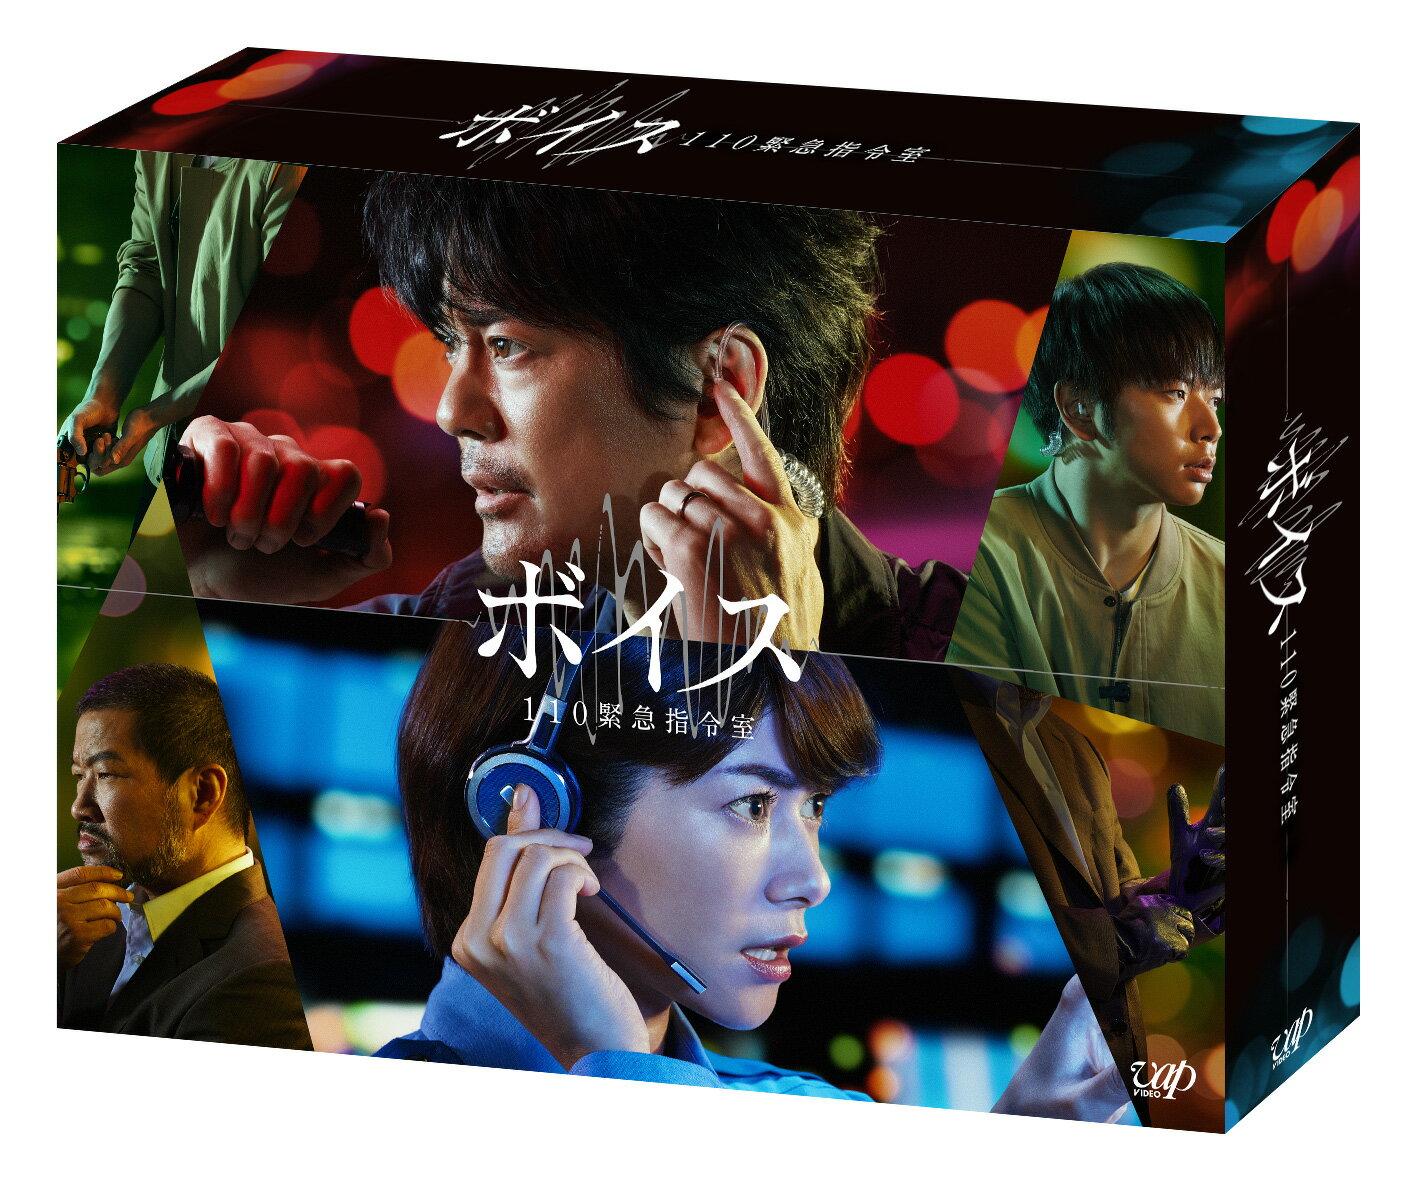 ボイス 110緊急指令室 Blu-ray BOX【Blu-ray】